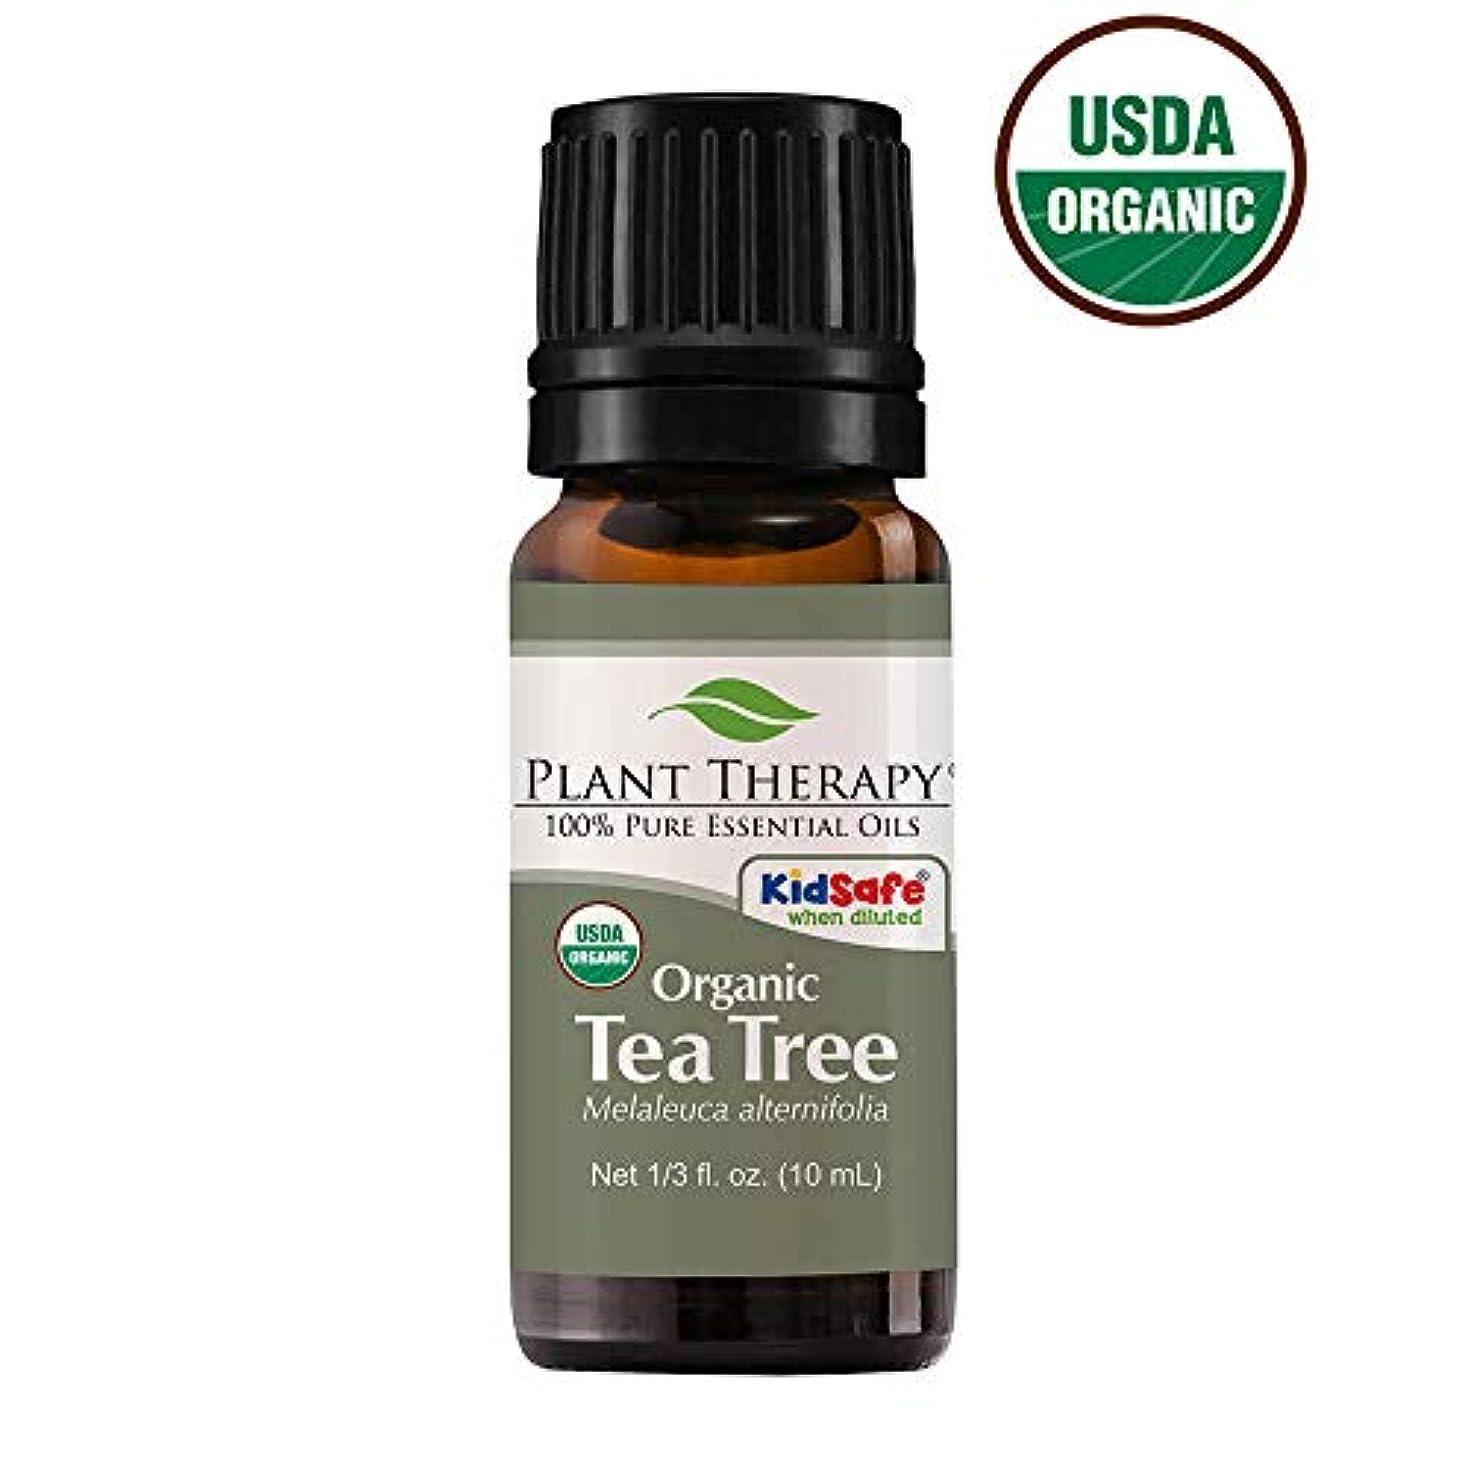 死んでいる軍隊自分自身Plant Therapy Essential Oils (プラントセラピー エッセンシャルオイル) オーガニック ティーツリー (メラルーカ) エッセンシャルオイル